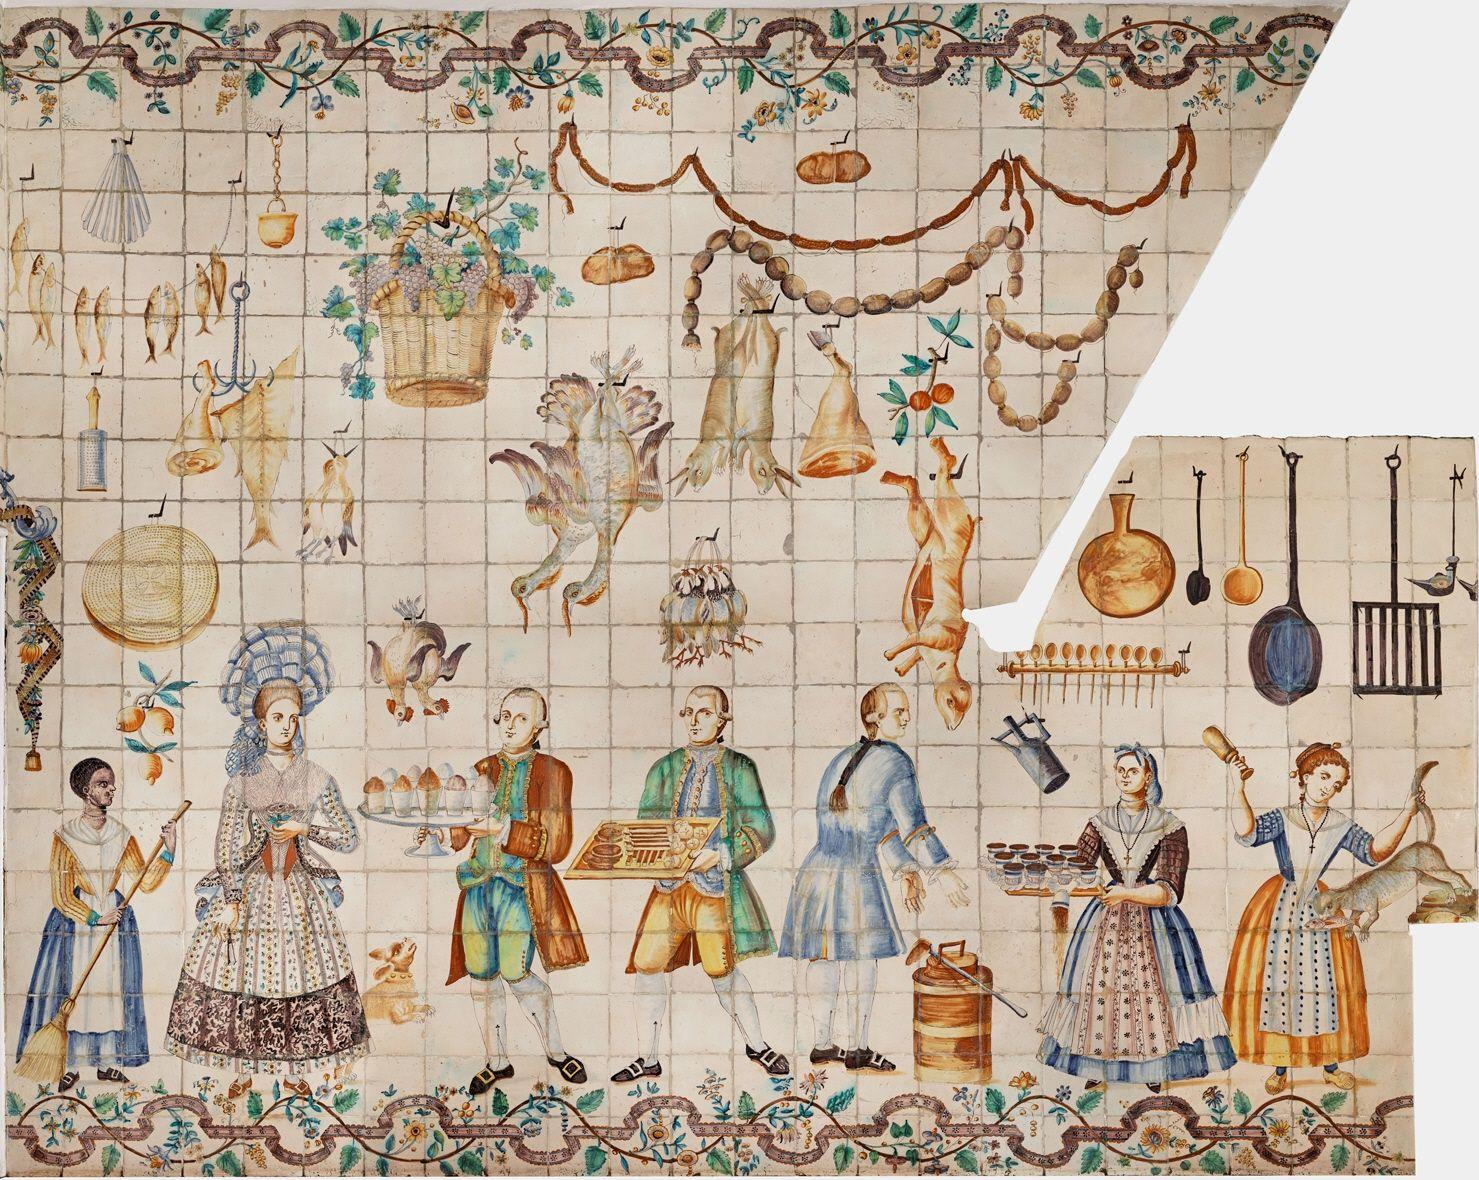 Azulejos cocina valenciana siglo xviii azulejos tiles for Cocina valenciana